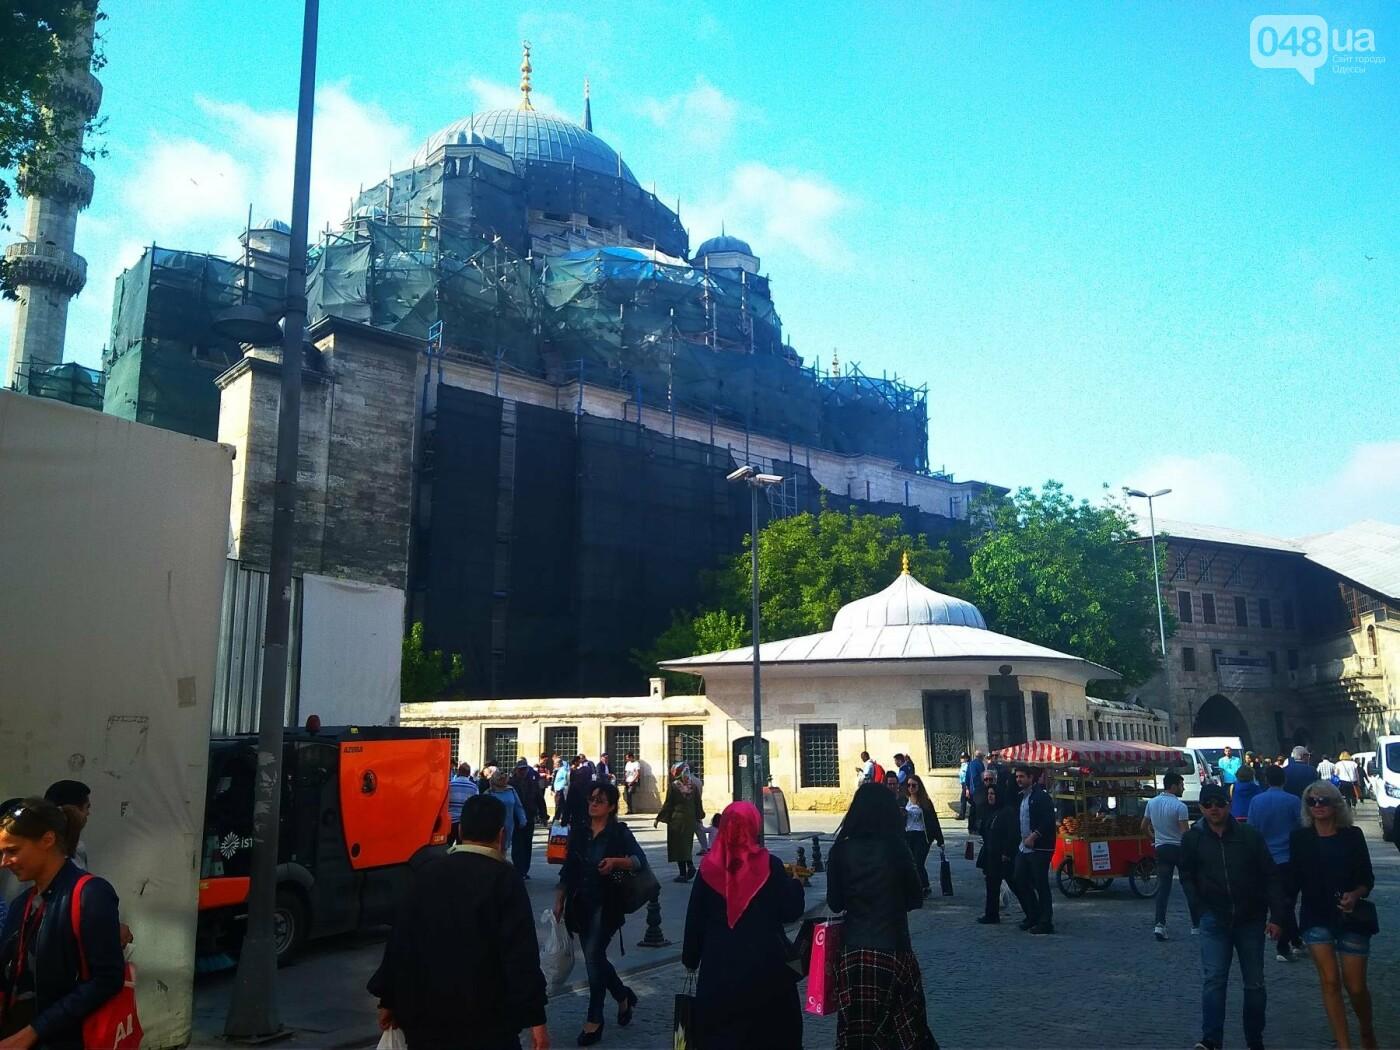 Проверено на себе: Путешествие из Одессы в Стамбул на пароме, - ФОТОРЕПОРТАЖ, фото-27